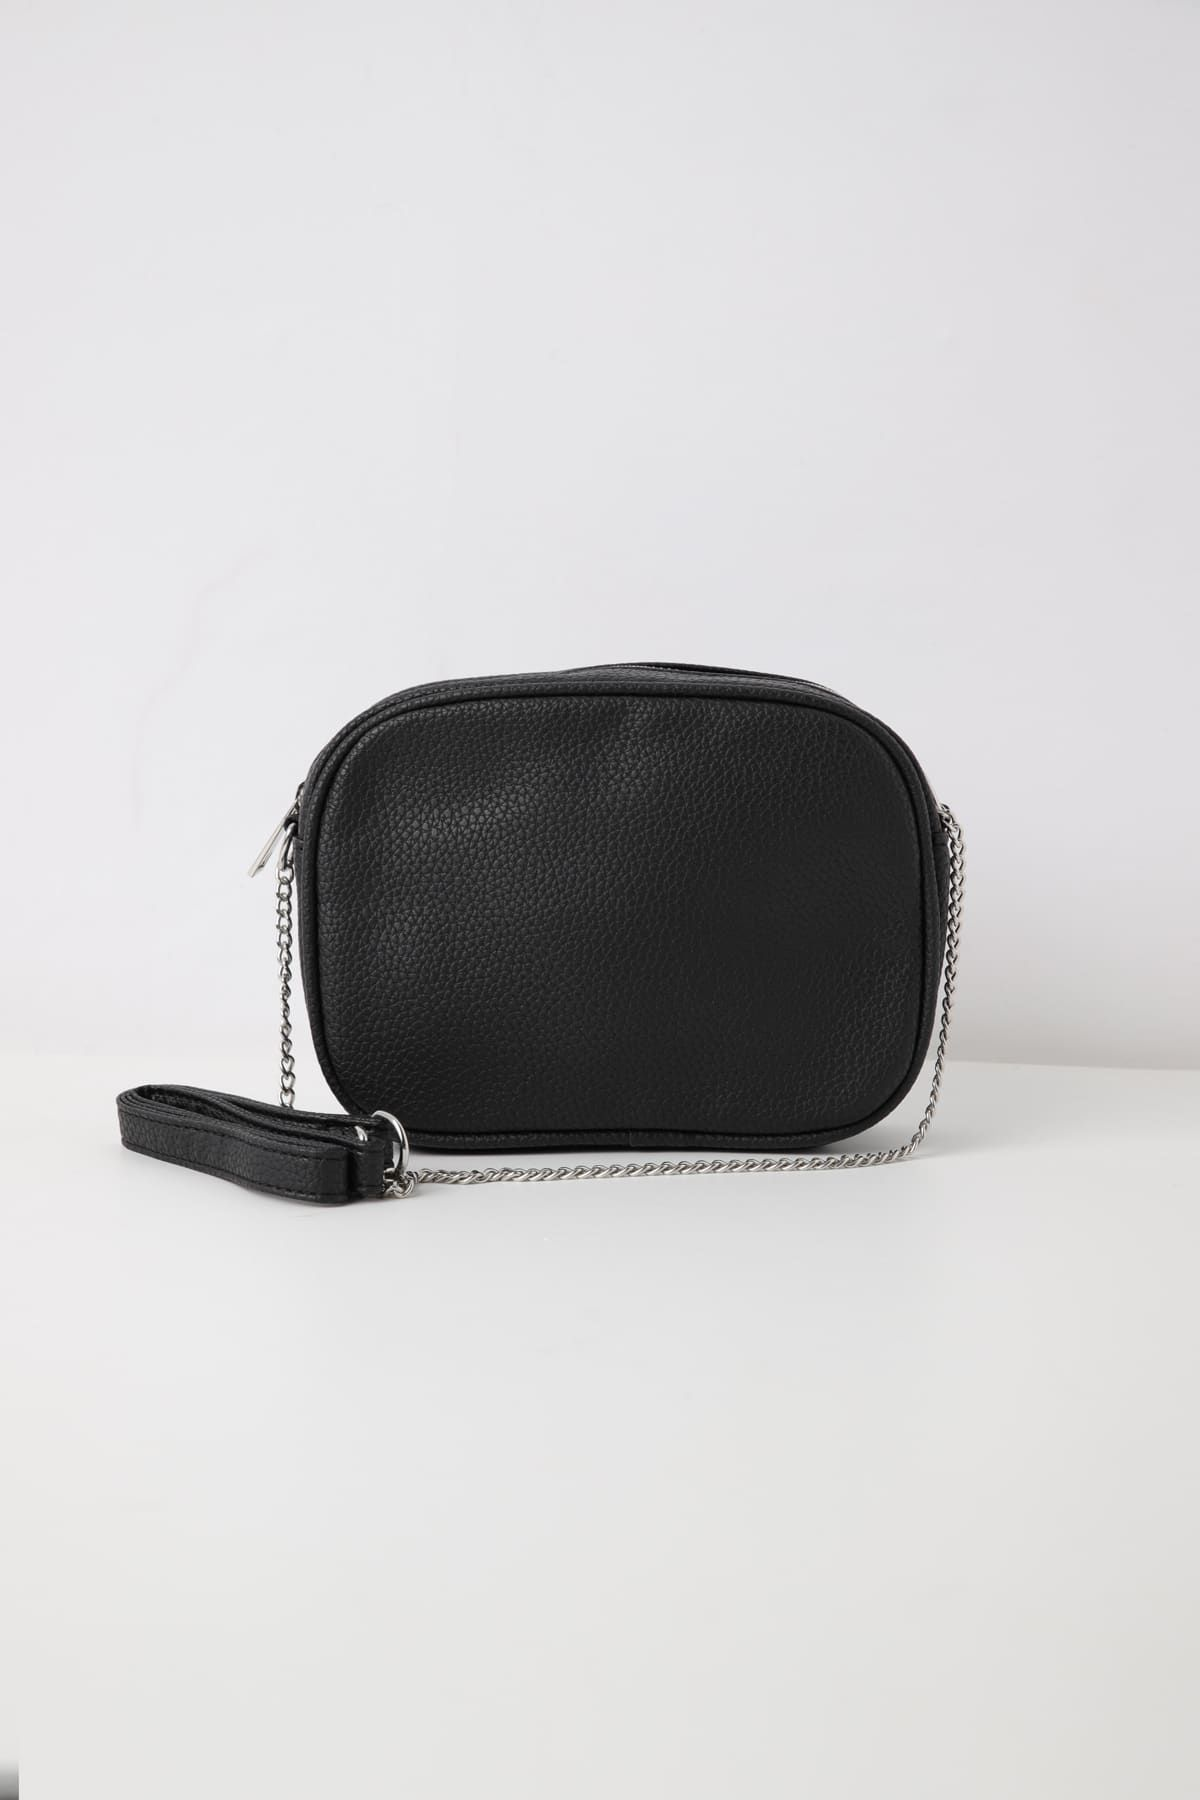 5ceeda8fa8 borsa tracolla catena Nero online in borse COMPRA PER PRODOTTO - Terranova